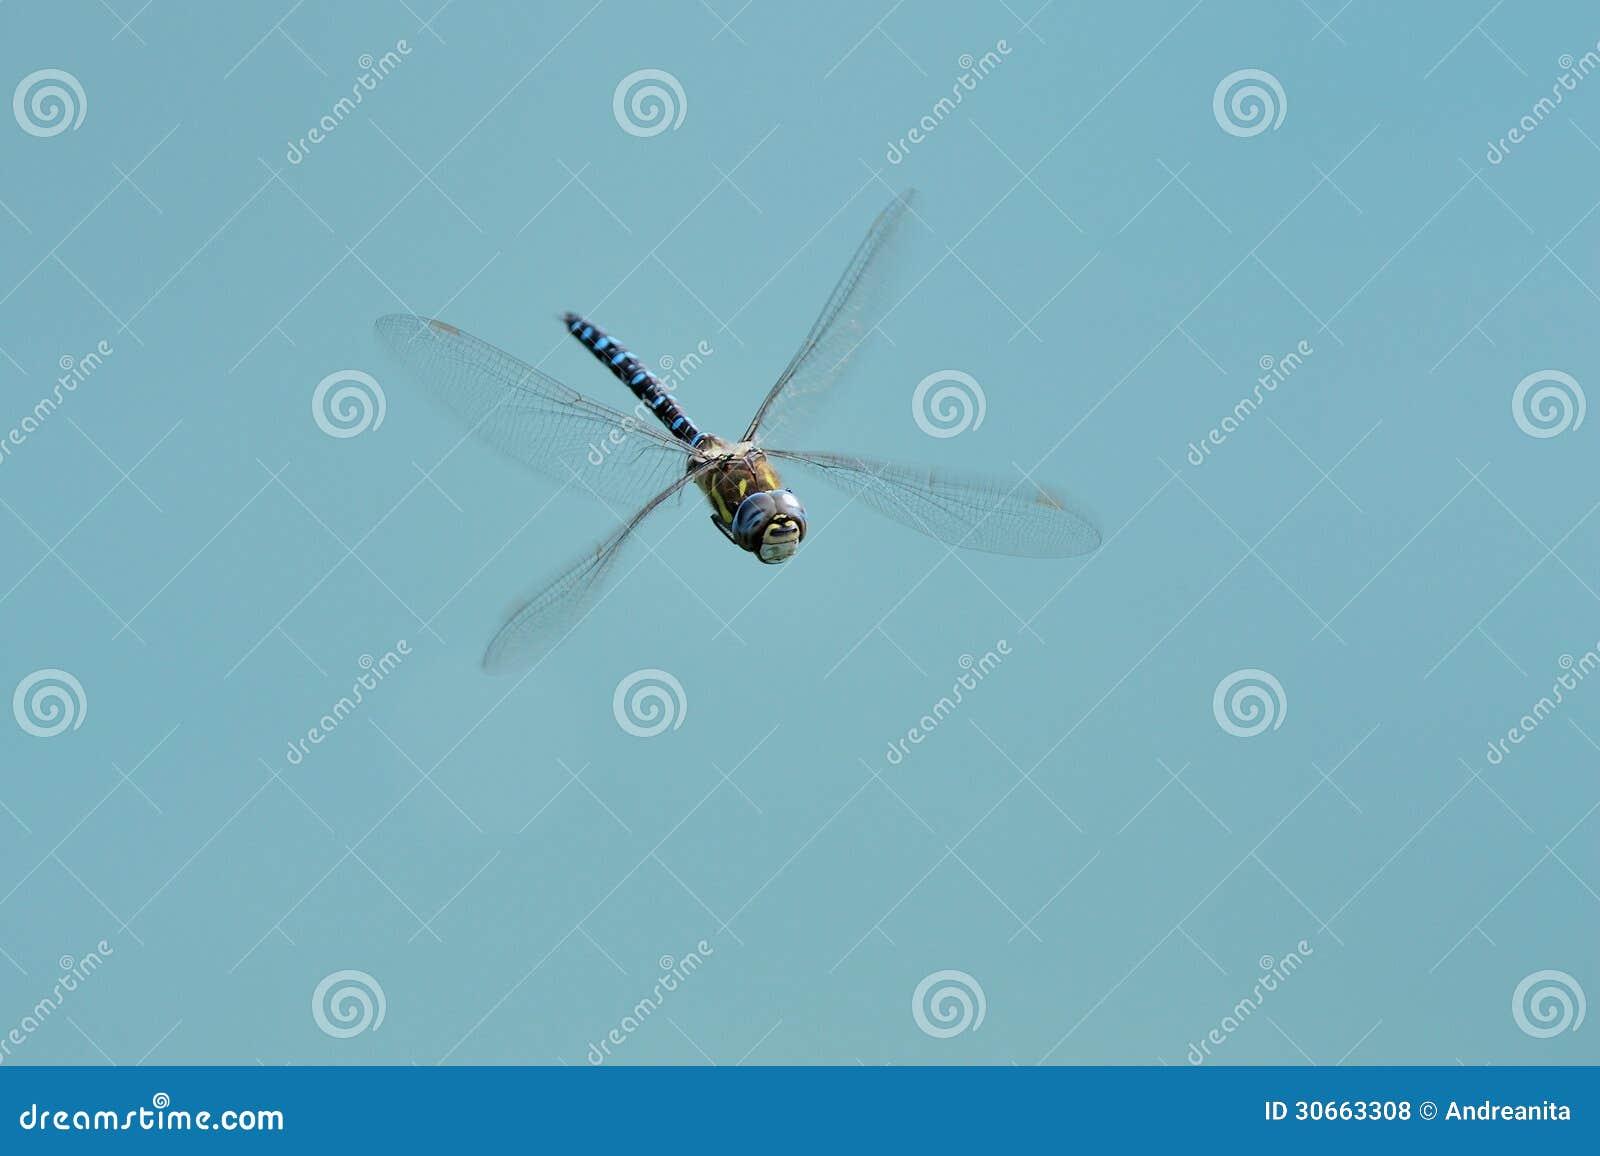 Dragon fly against blue sky